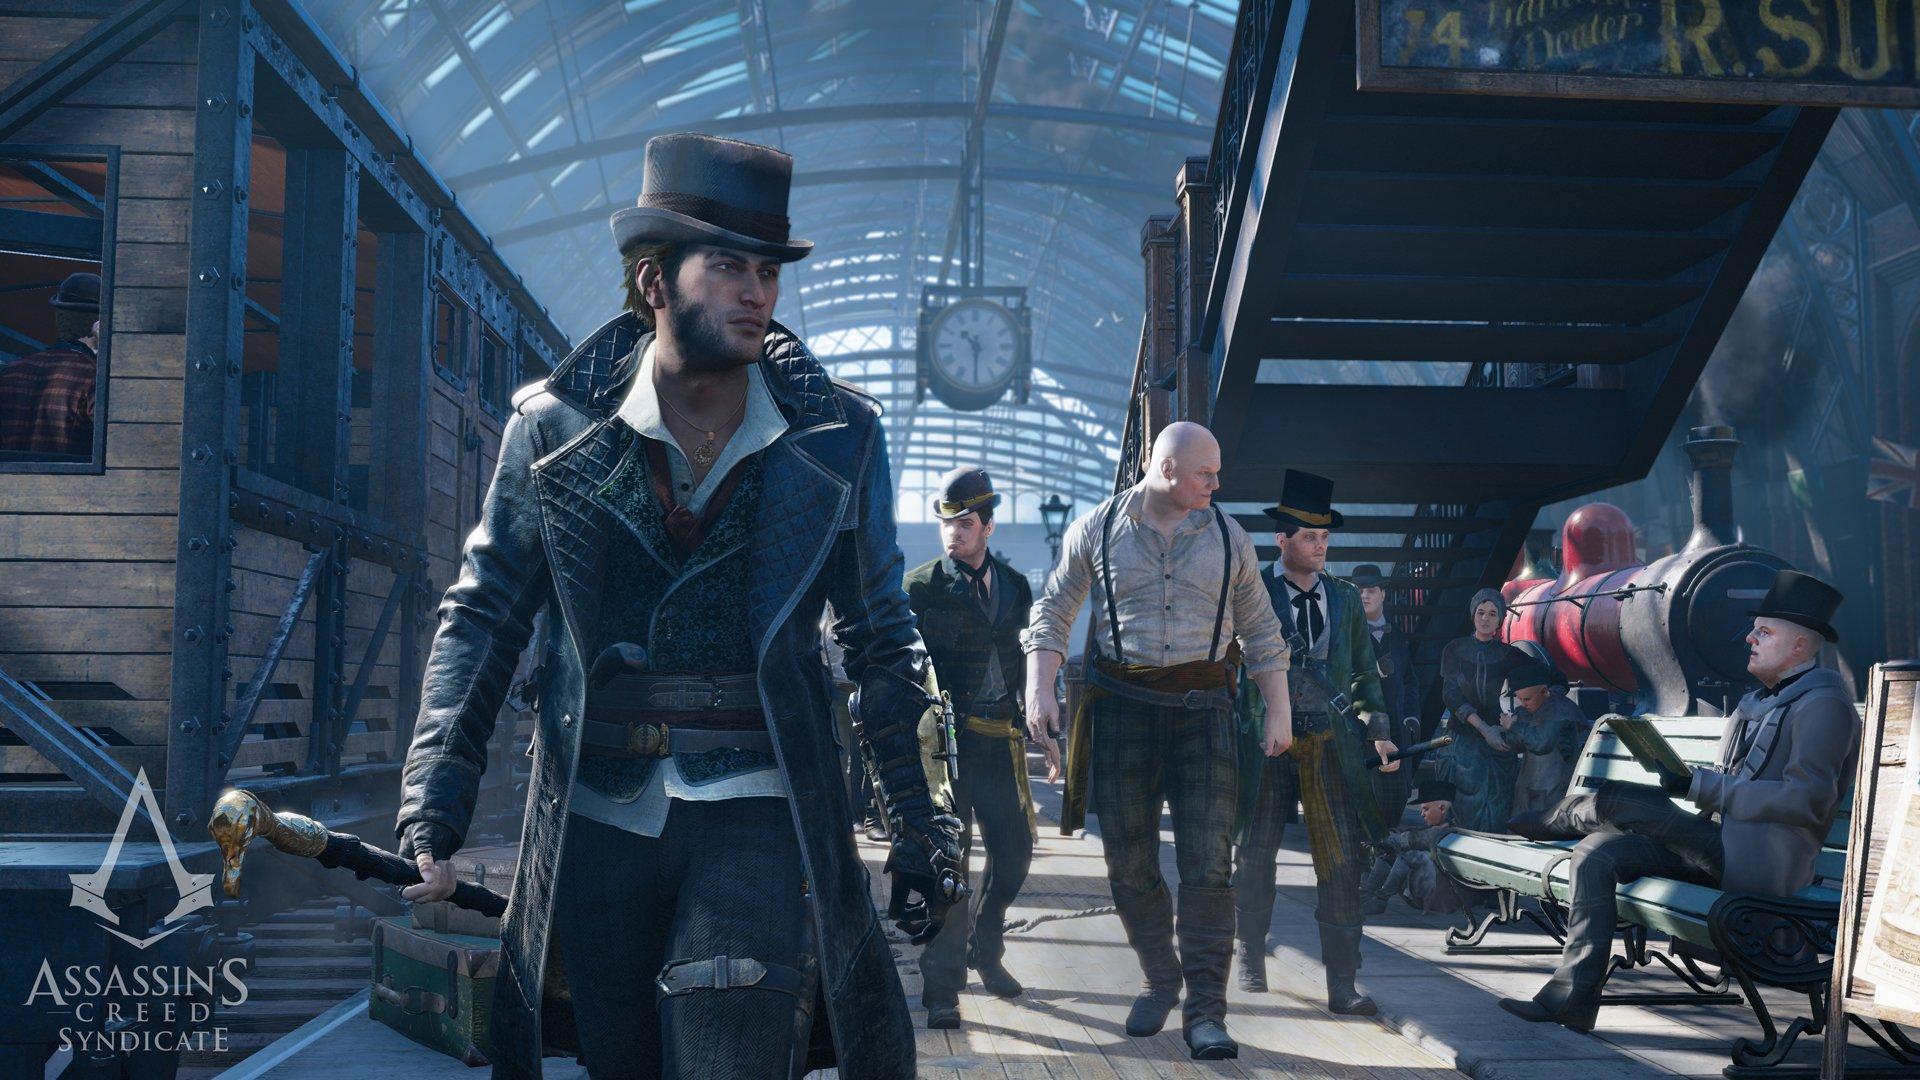 Почему Assassin's Creed Syndicate лучше чем Ведьмак 3. - Изображение 3